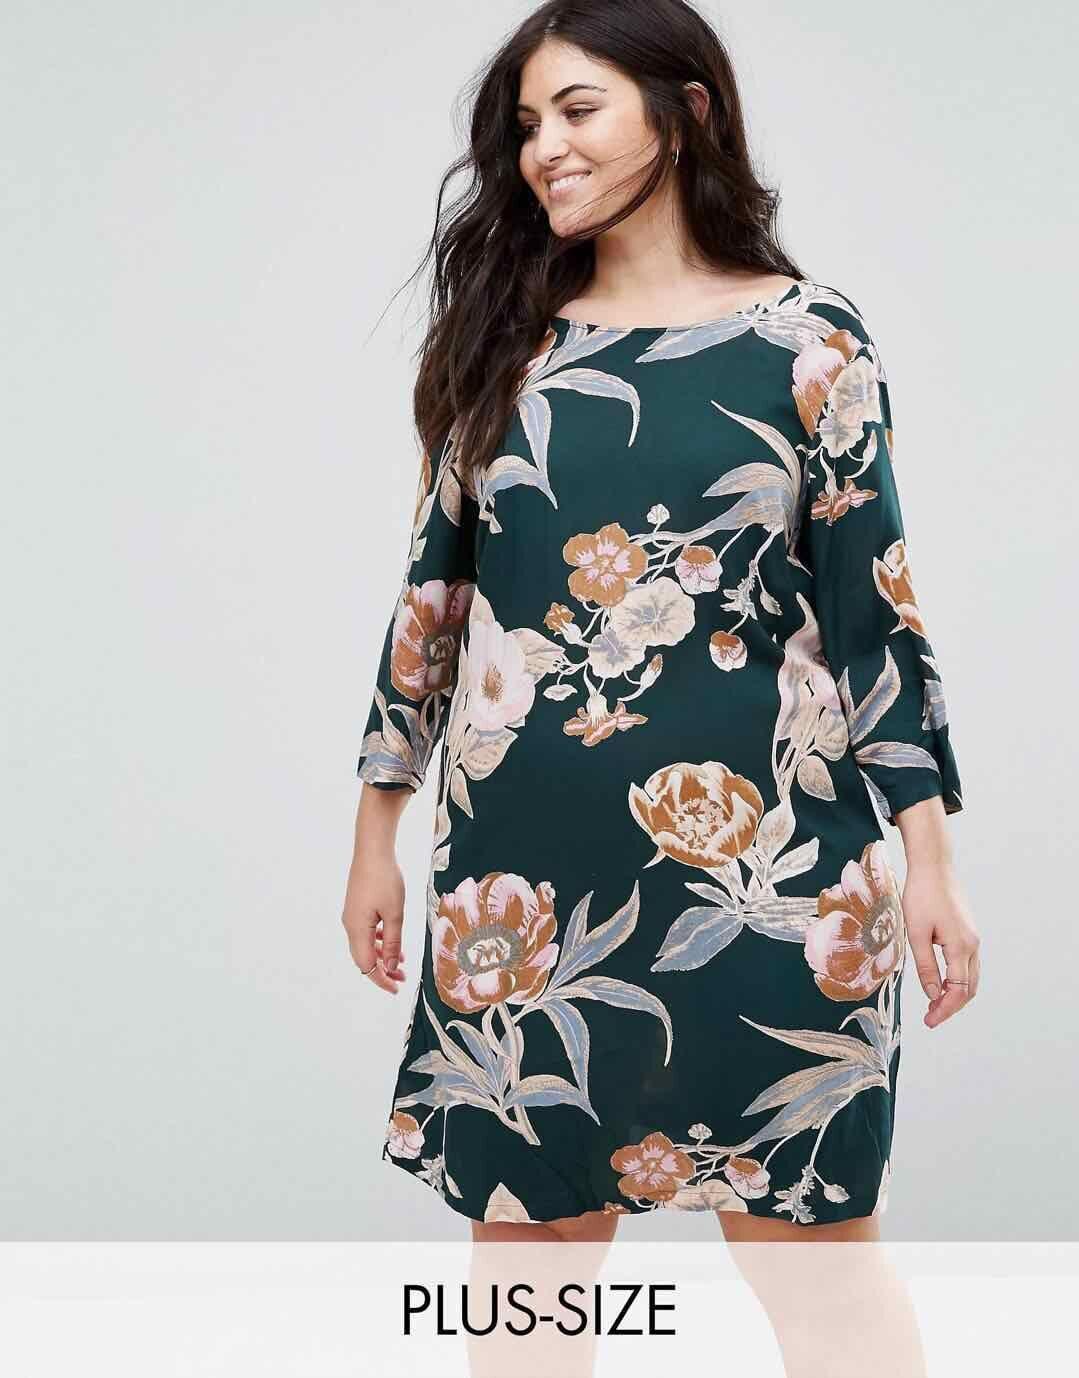 35949a86bb19 Plus Size Dresses for sale - Plus Size Maxi Dress online brands ...